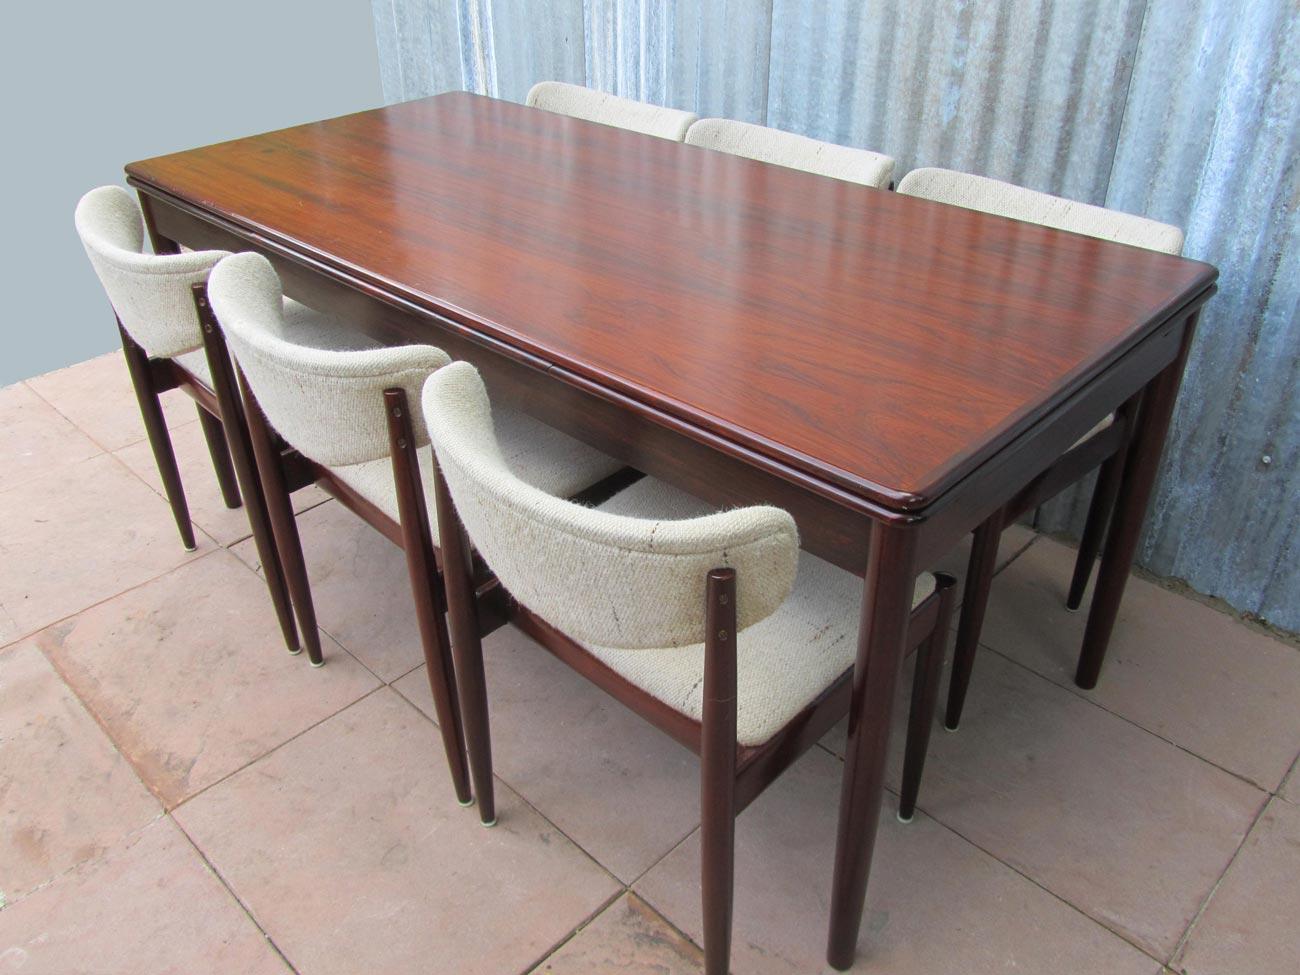 Design Eettafel Met 6 Stoelen.Tafel Met 6 Stoelen Stunning Ammero Tafel Met Stoelen